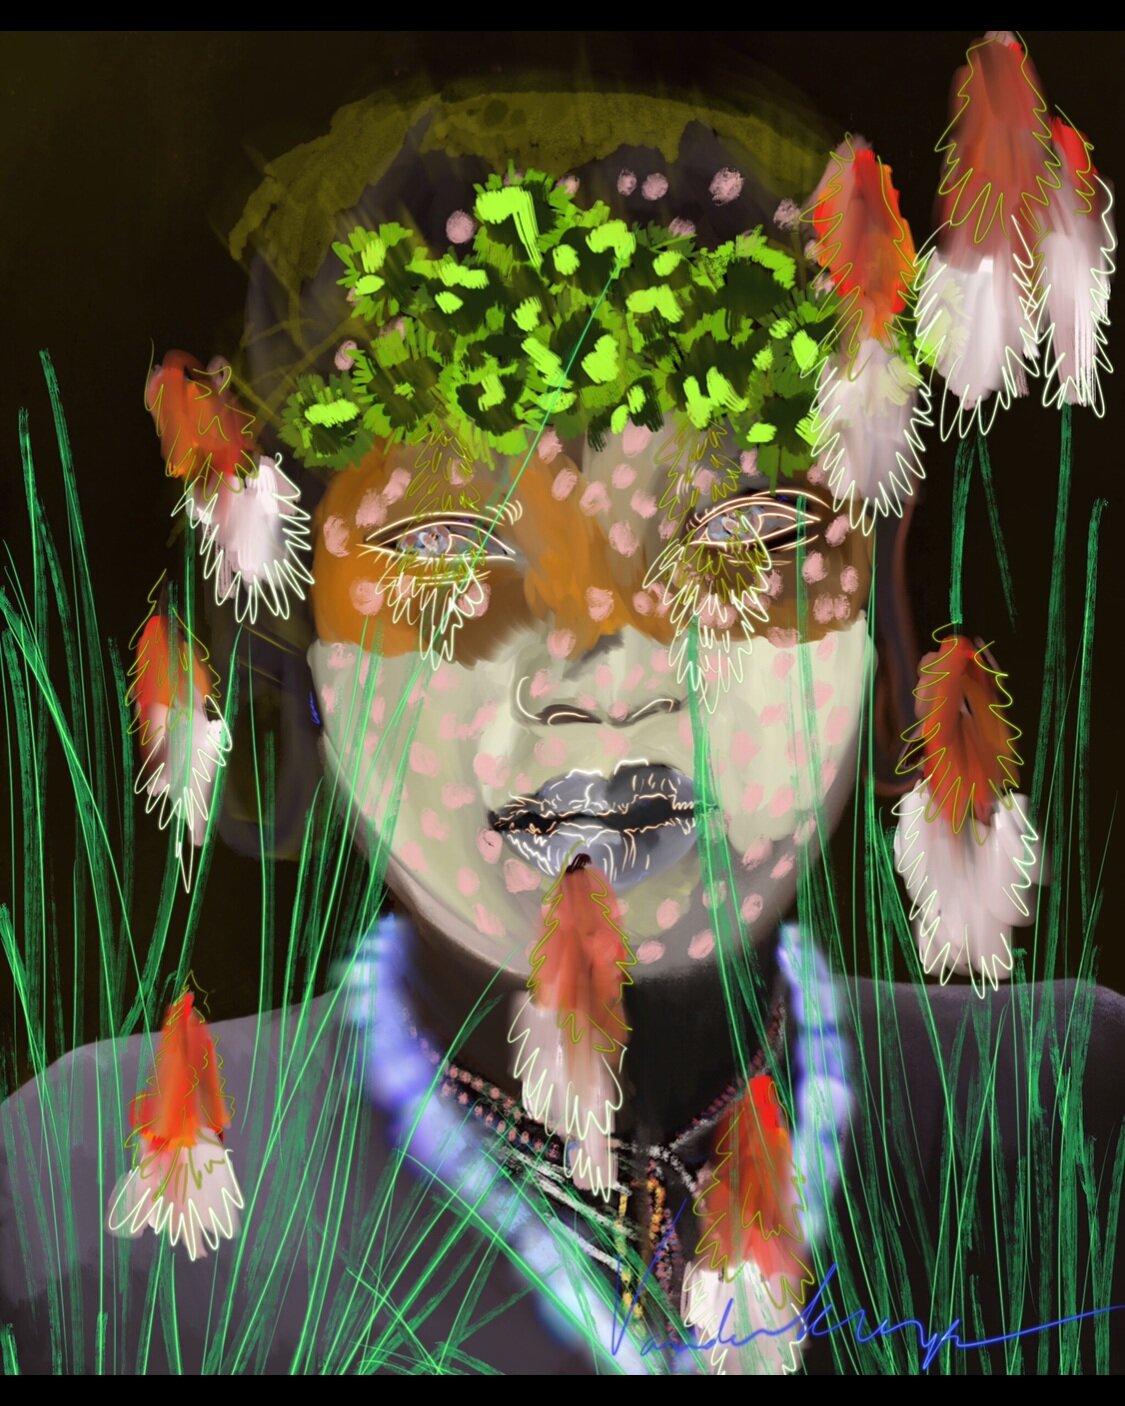 Une Photo - ClickLes fleurs rouge, rosâtresTelle une sucette dans les mains d'un enfant, elle fondent dans le décorClickDes herbes virevoltantGauche, droiteElles se succèdent, mais toujours pointées vers le cielClickUn detail, ses colliersSont-ce des rîtesSont-ce des gri-gri?ClickDe l'argile, de la craieS'étant le long de son visageDessine et contour sa bouche, son nezClick,ClickSe fraientDeux yeux, non pas hagardMais ferme et savantsIls percent et traversent les mondes et les âmesClickDes pointes de doigts quoique abstraiteParsèment de manière coloréealentour ses yeux, son nez, sa boucheSubjugantEt subjuguée je suisClickDe part le nid qu'arbore sa têteAnticipantAlors qu'un oiseau s'en serve de réceptacleClickTel est pris qui croyait prendreTel épris,clickclickclick